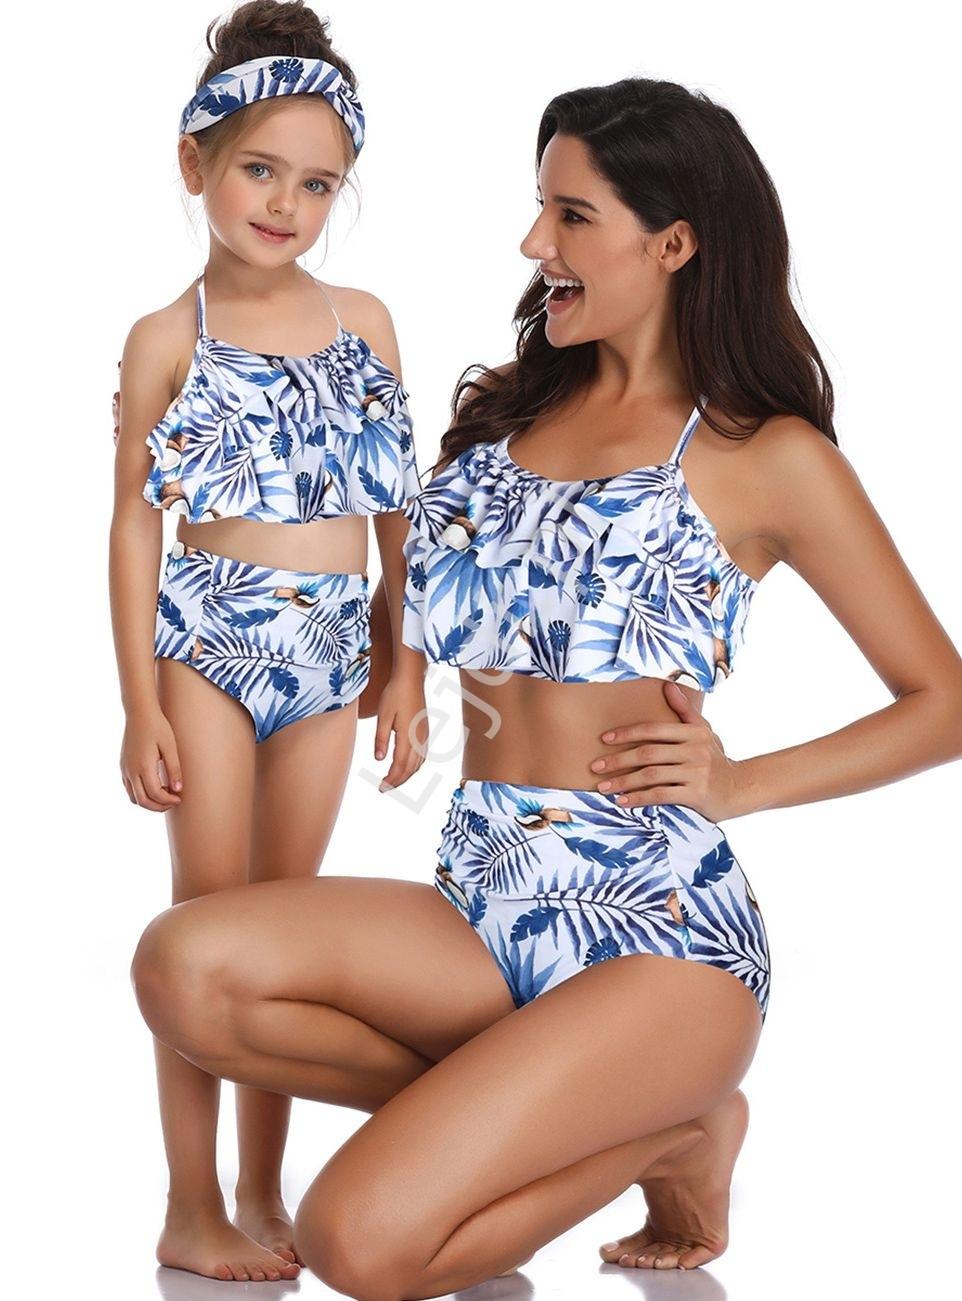 Image of Białe bikini mama córka z niebieskimi listkami i kokosami